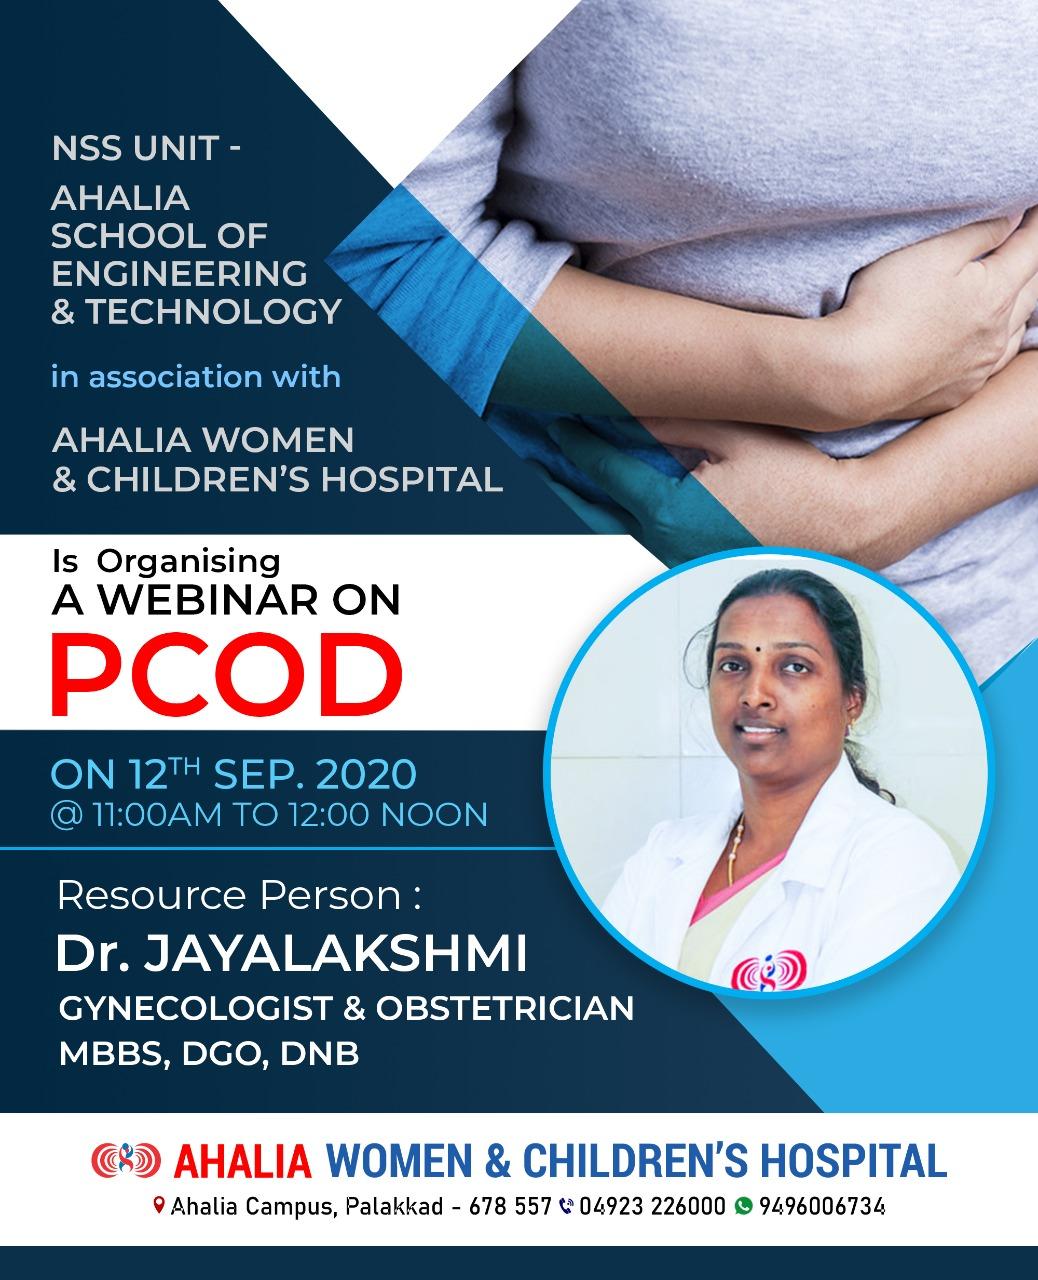 Webinar on PCOD